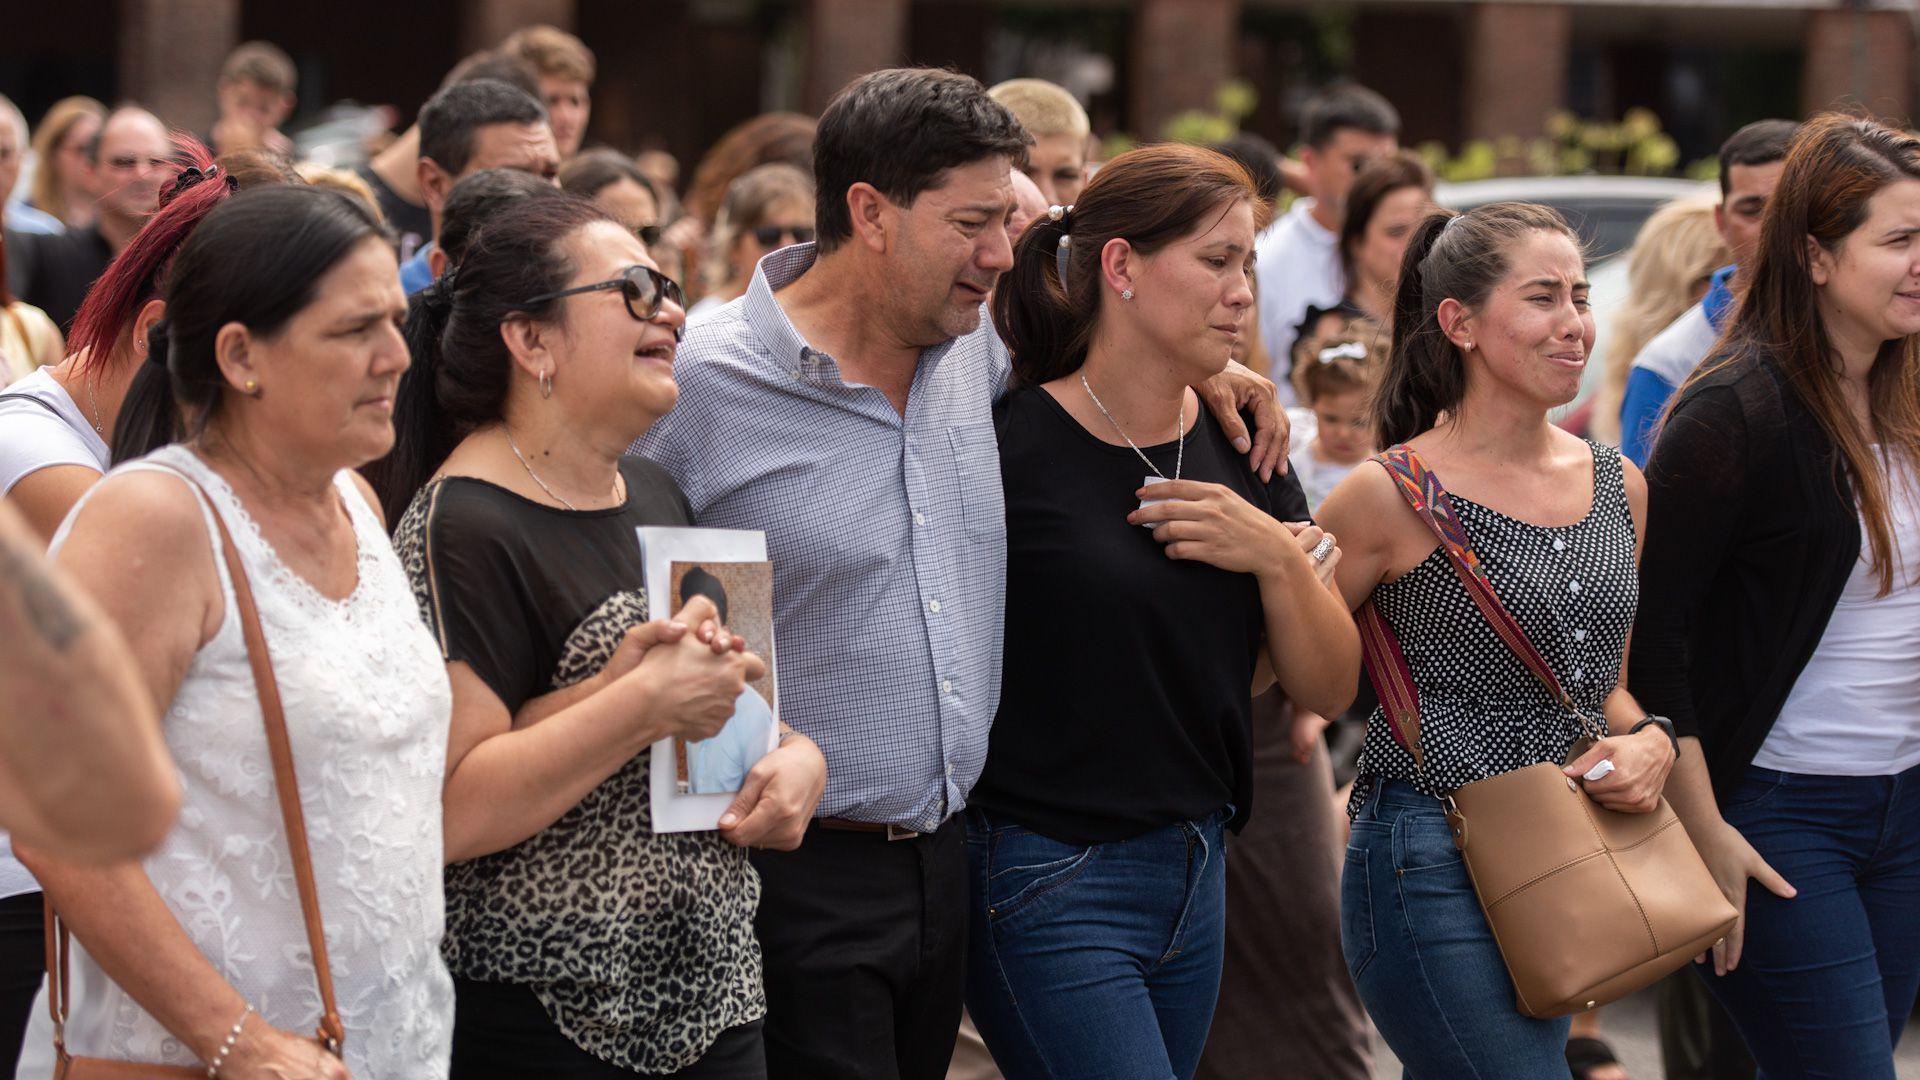 Graciela Sosa y Silvino Báez en el entierro de su hijo Fernando en el cementerio de la Chacarita.